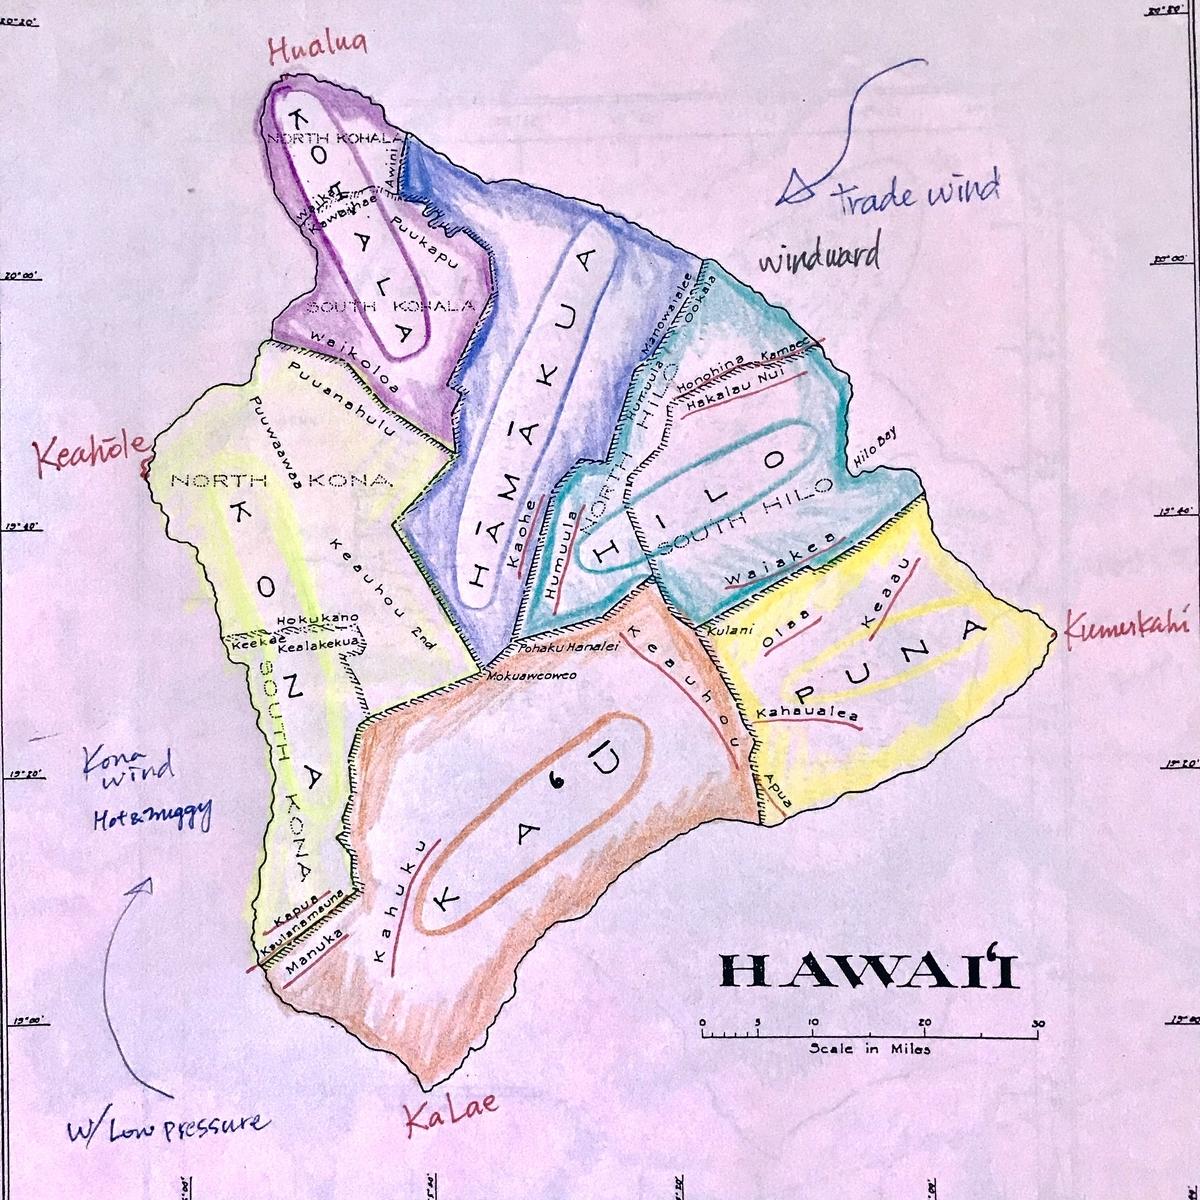 f:id:KonaHawaii:20200913092556j:plain